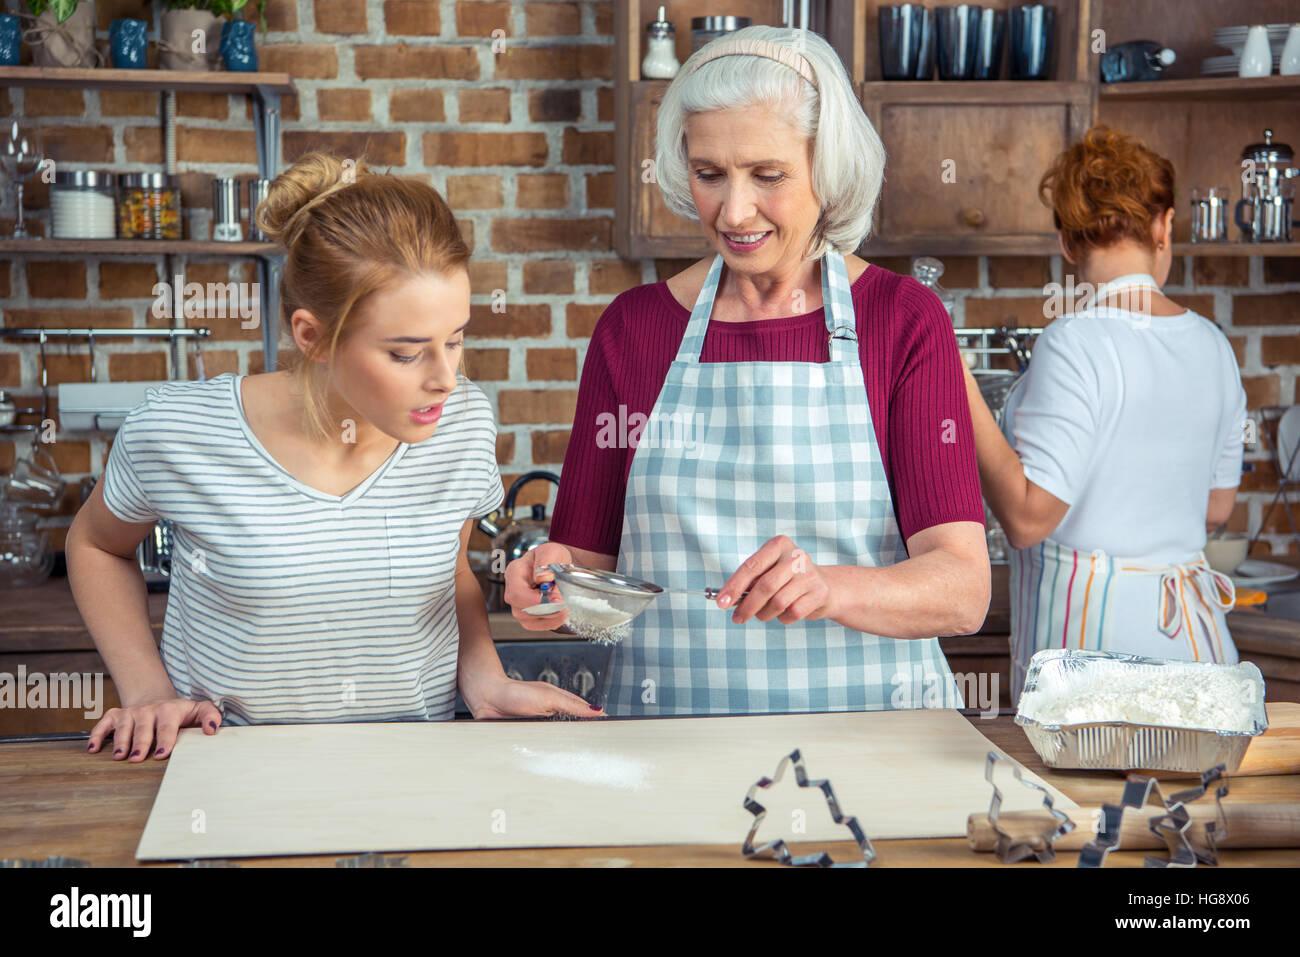 Grand-mère et petite-fille sasser la farine pour les cookies dans la cuisine Photo Stock